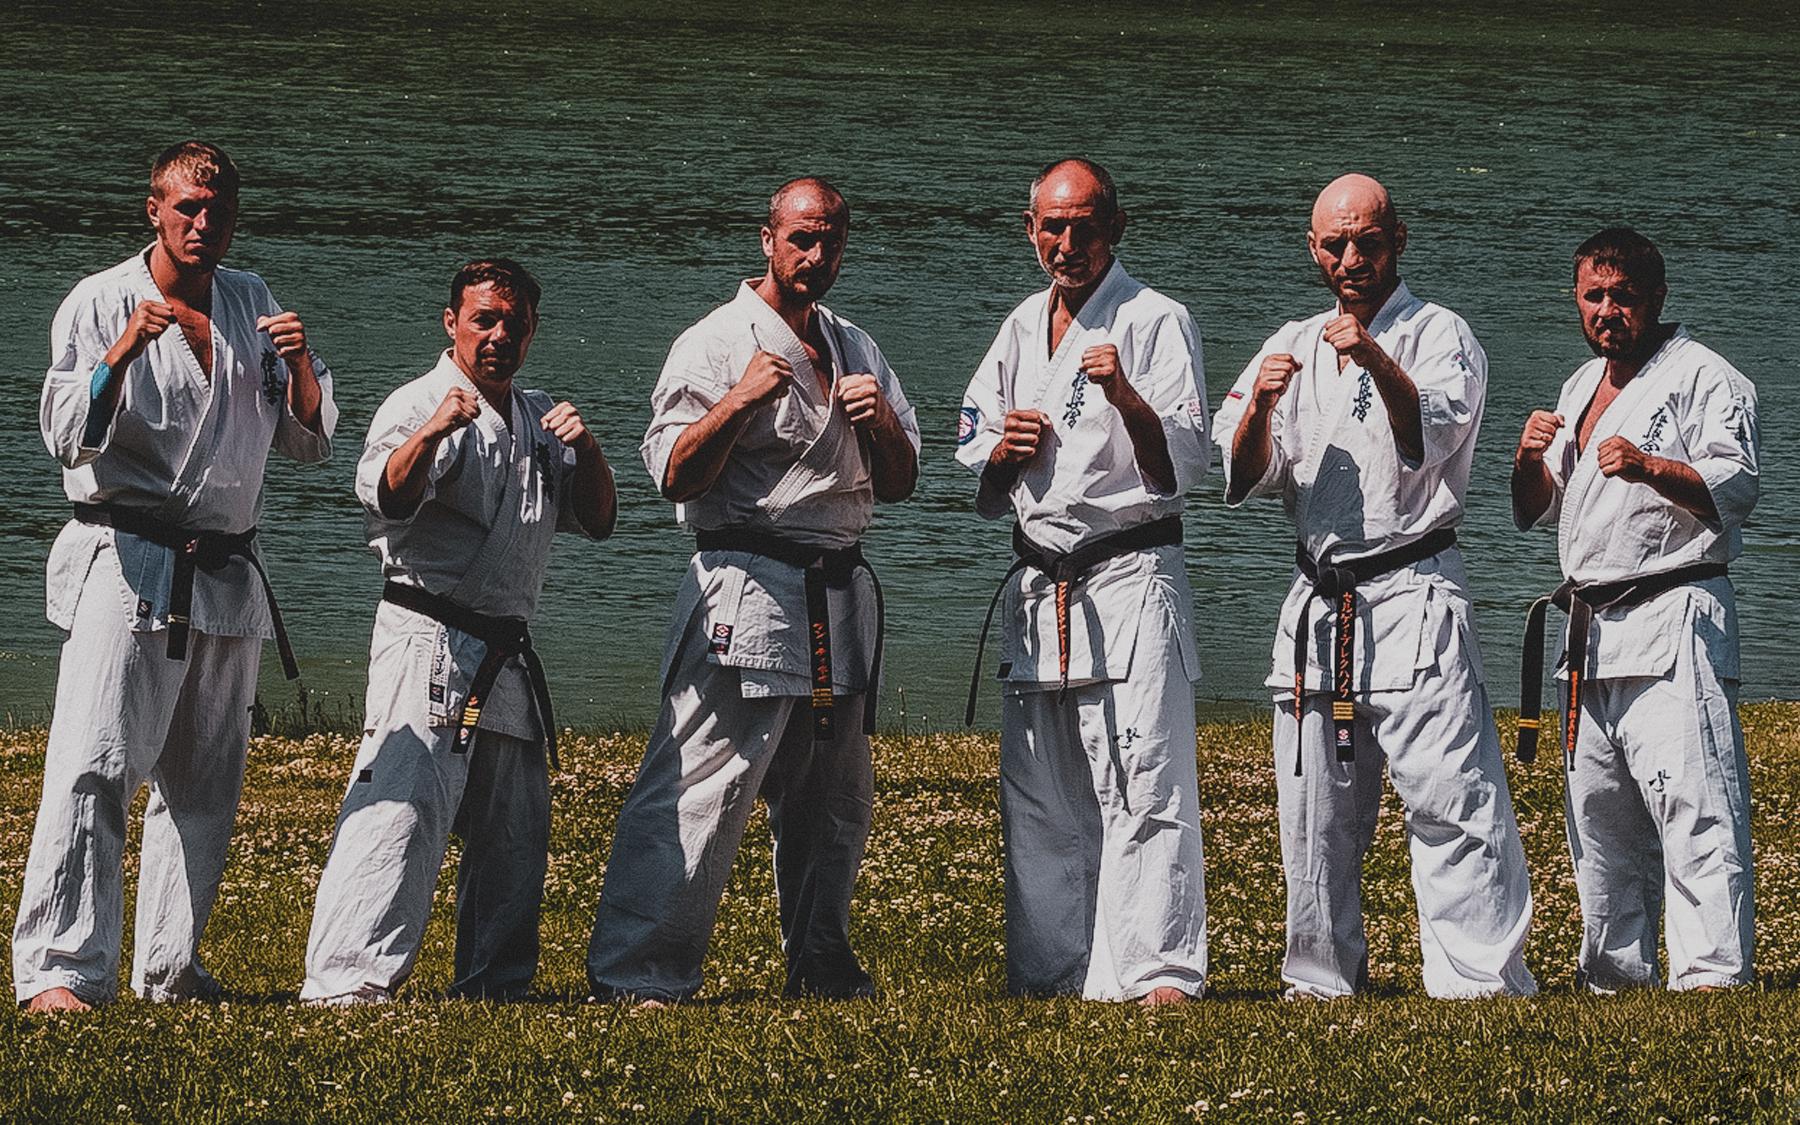 Мастер-классы по киокушинкай каратэ